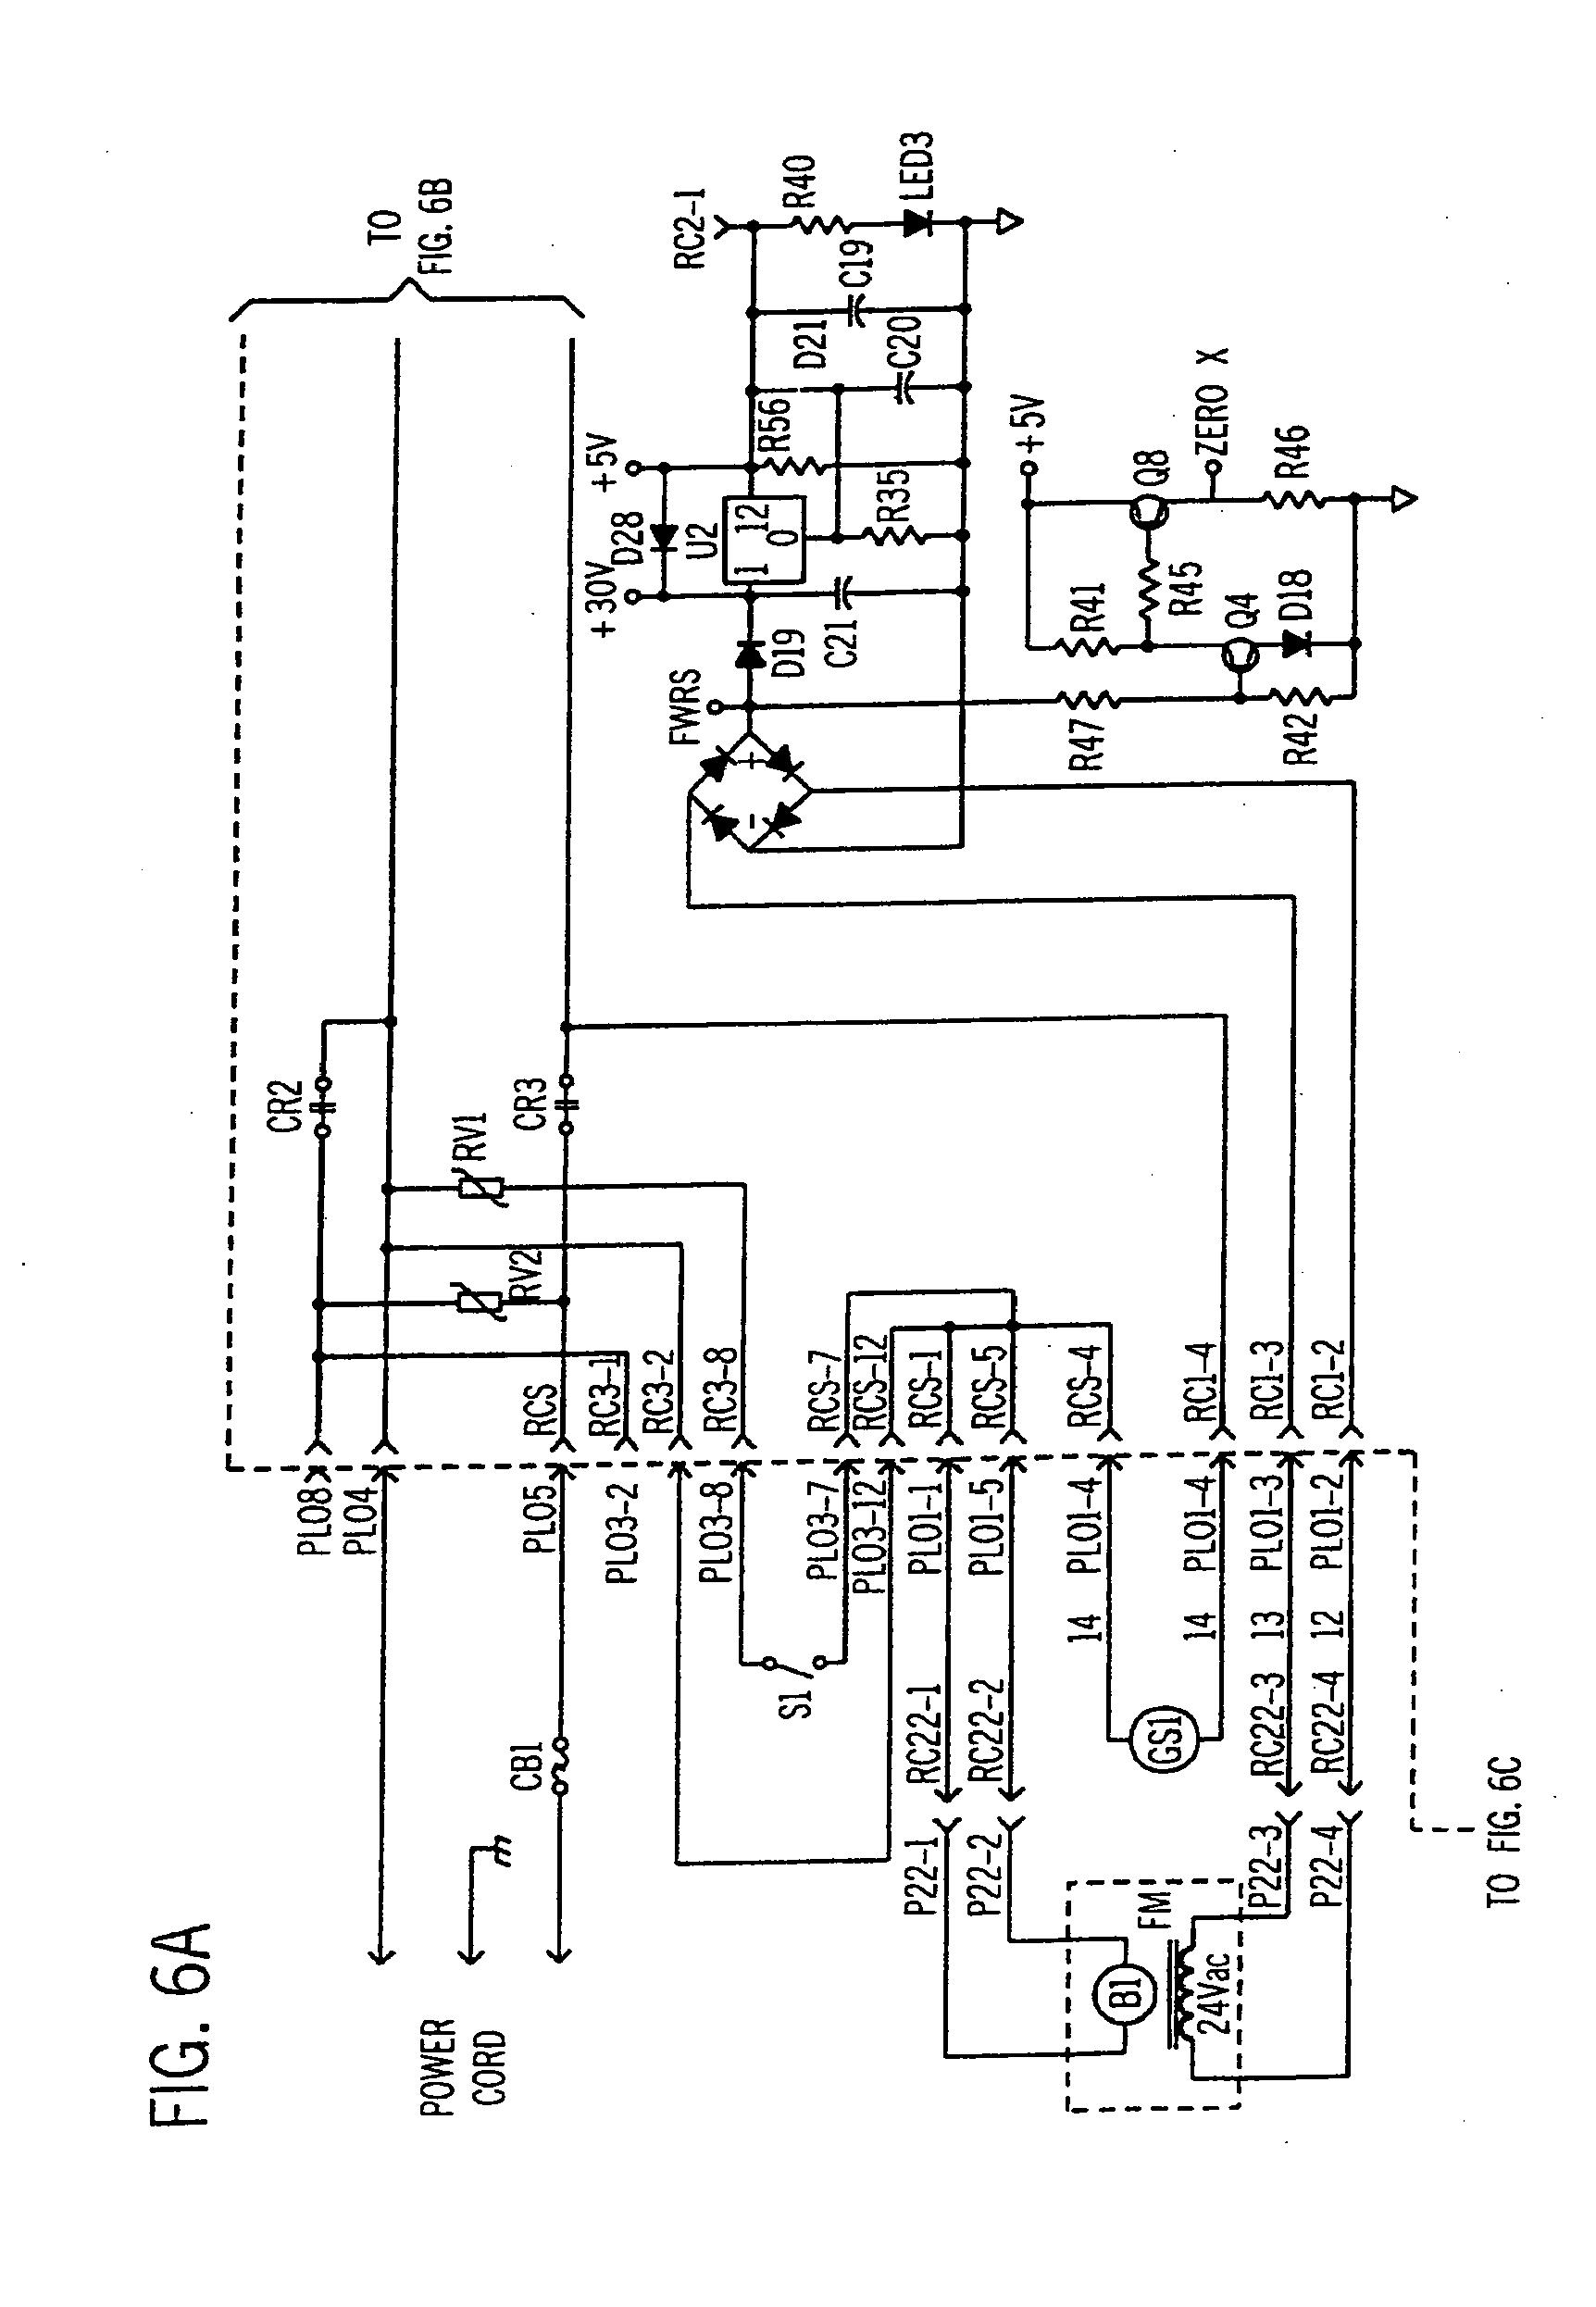 Hobart Handler 120 Wiring Diagram | Wiring Library